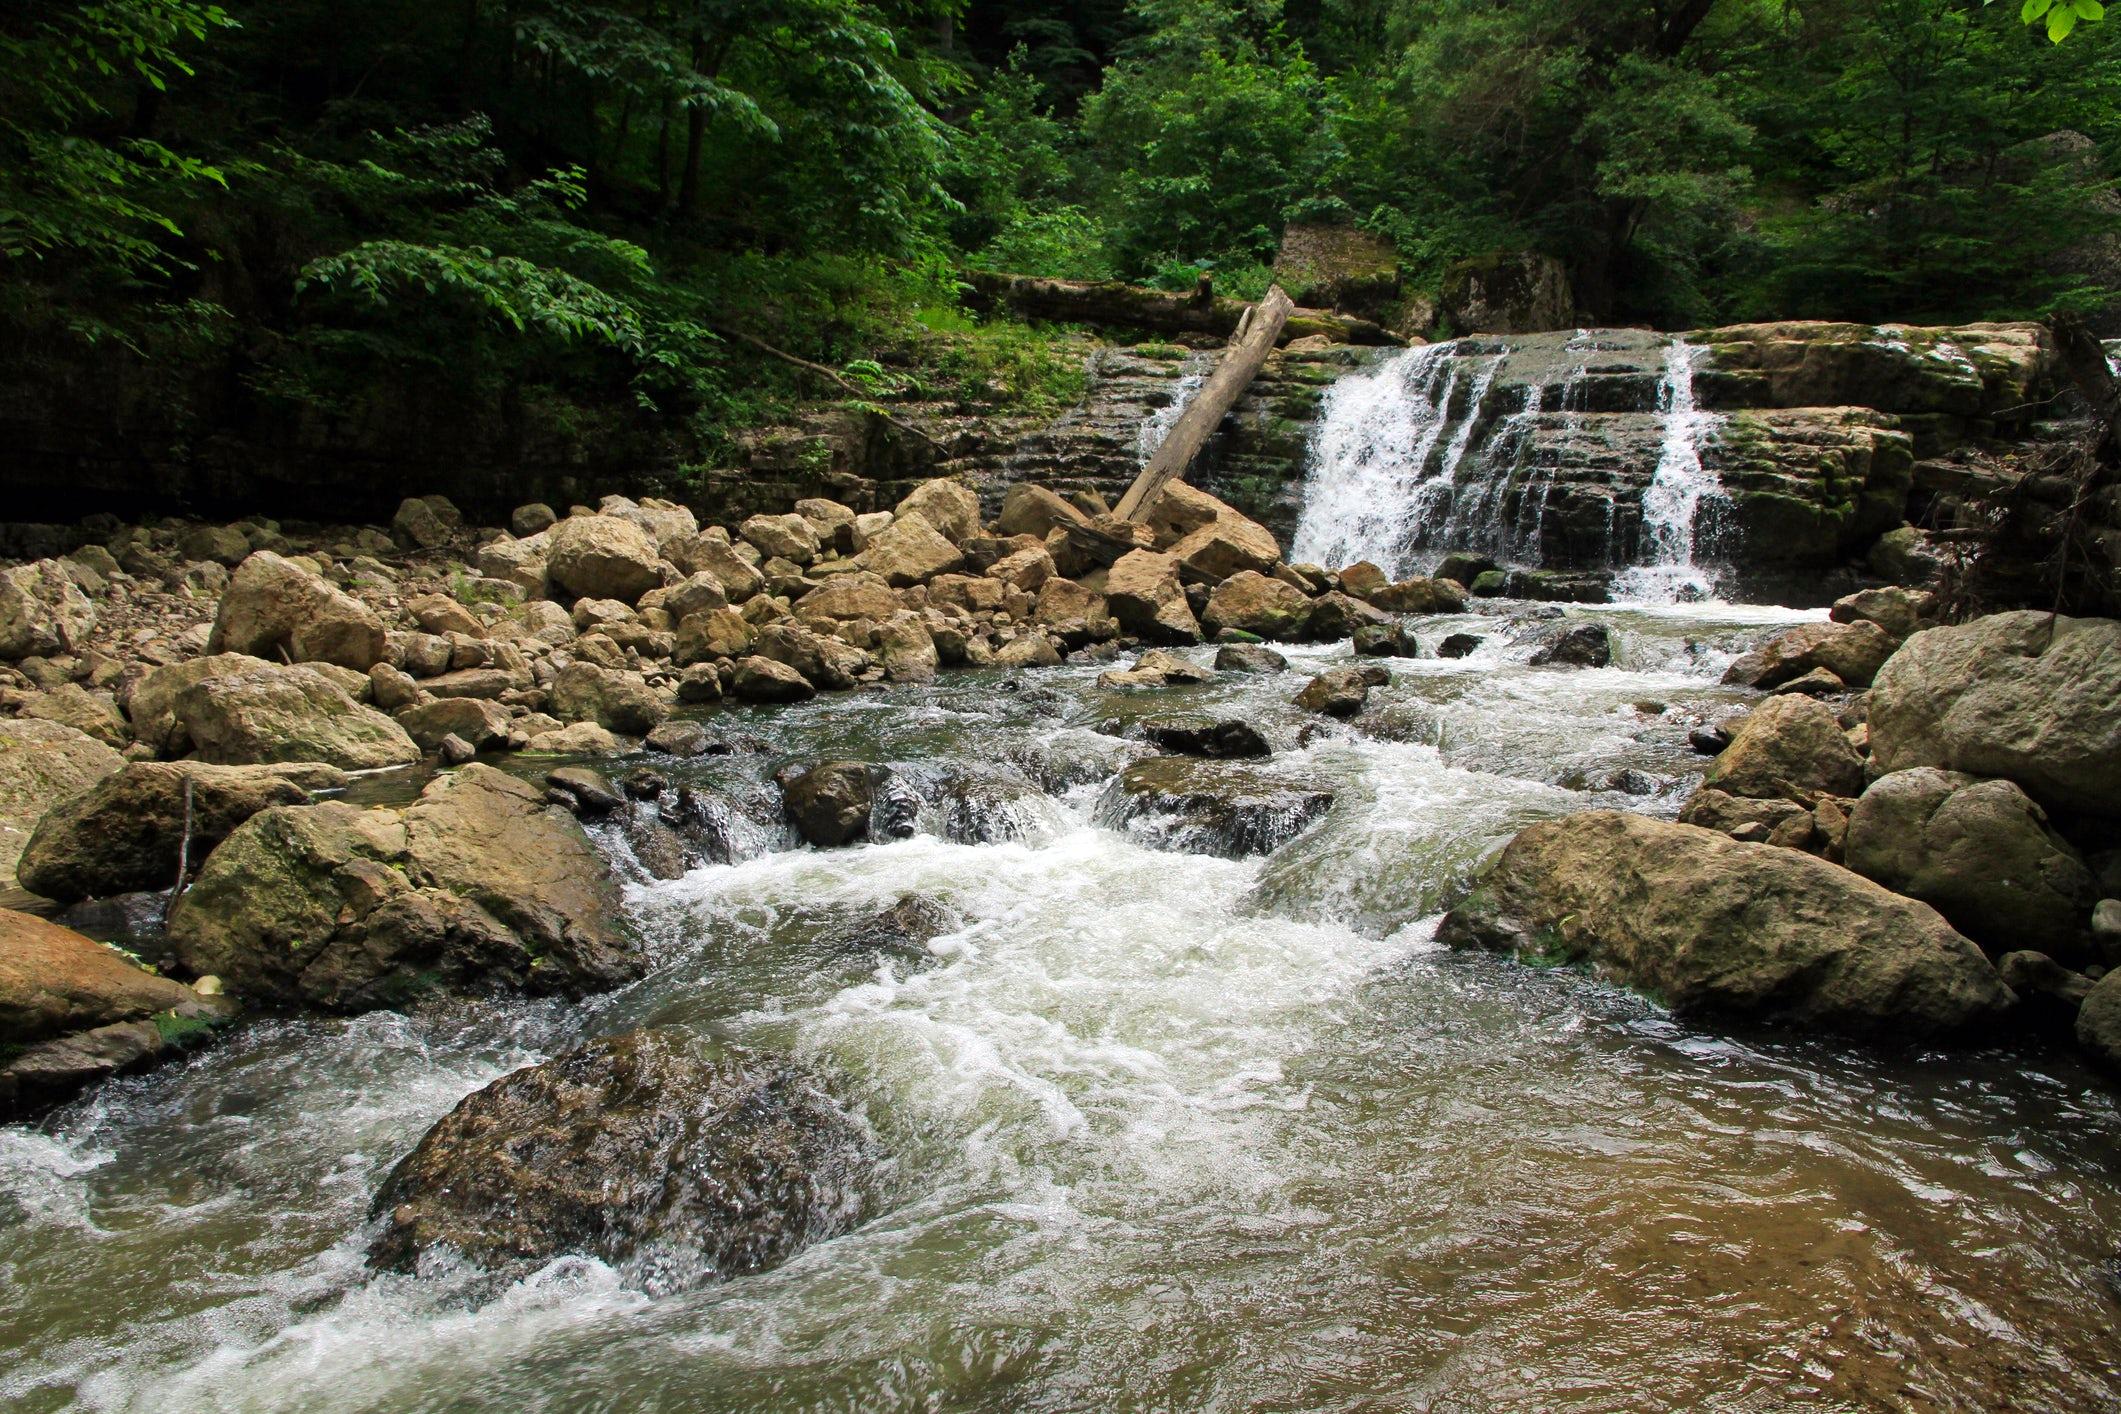 Yenokavan & Lastiver: Ecotourism & Extreme tourism